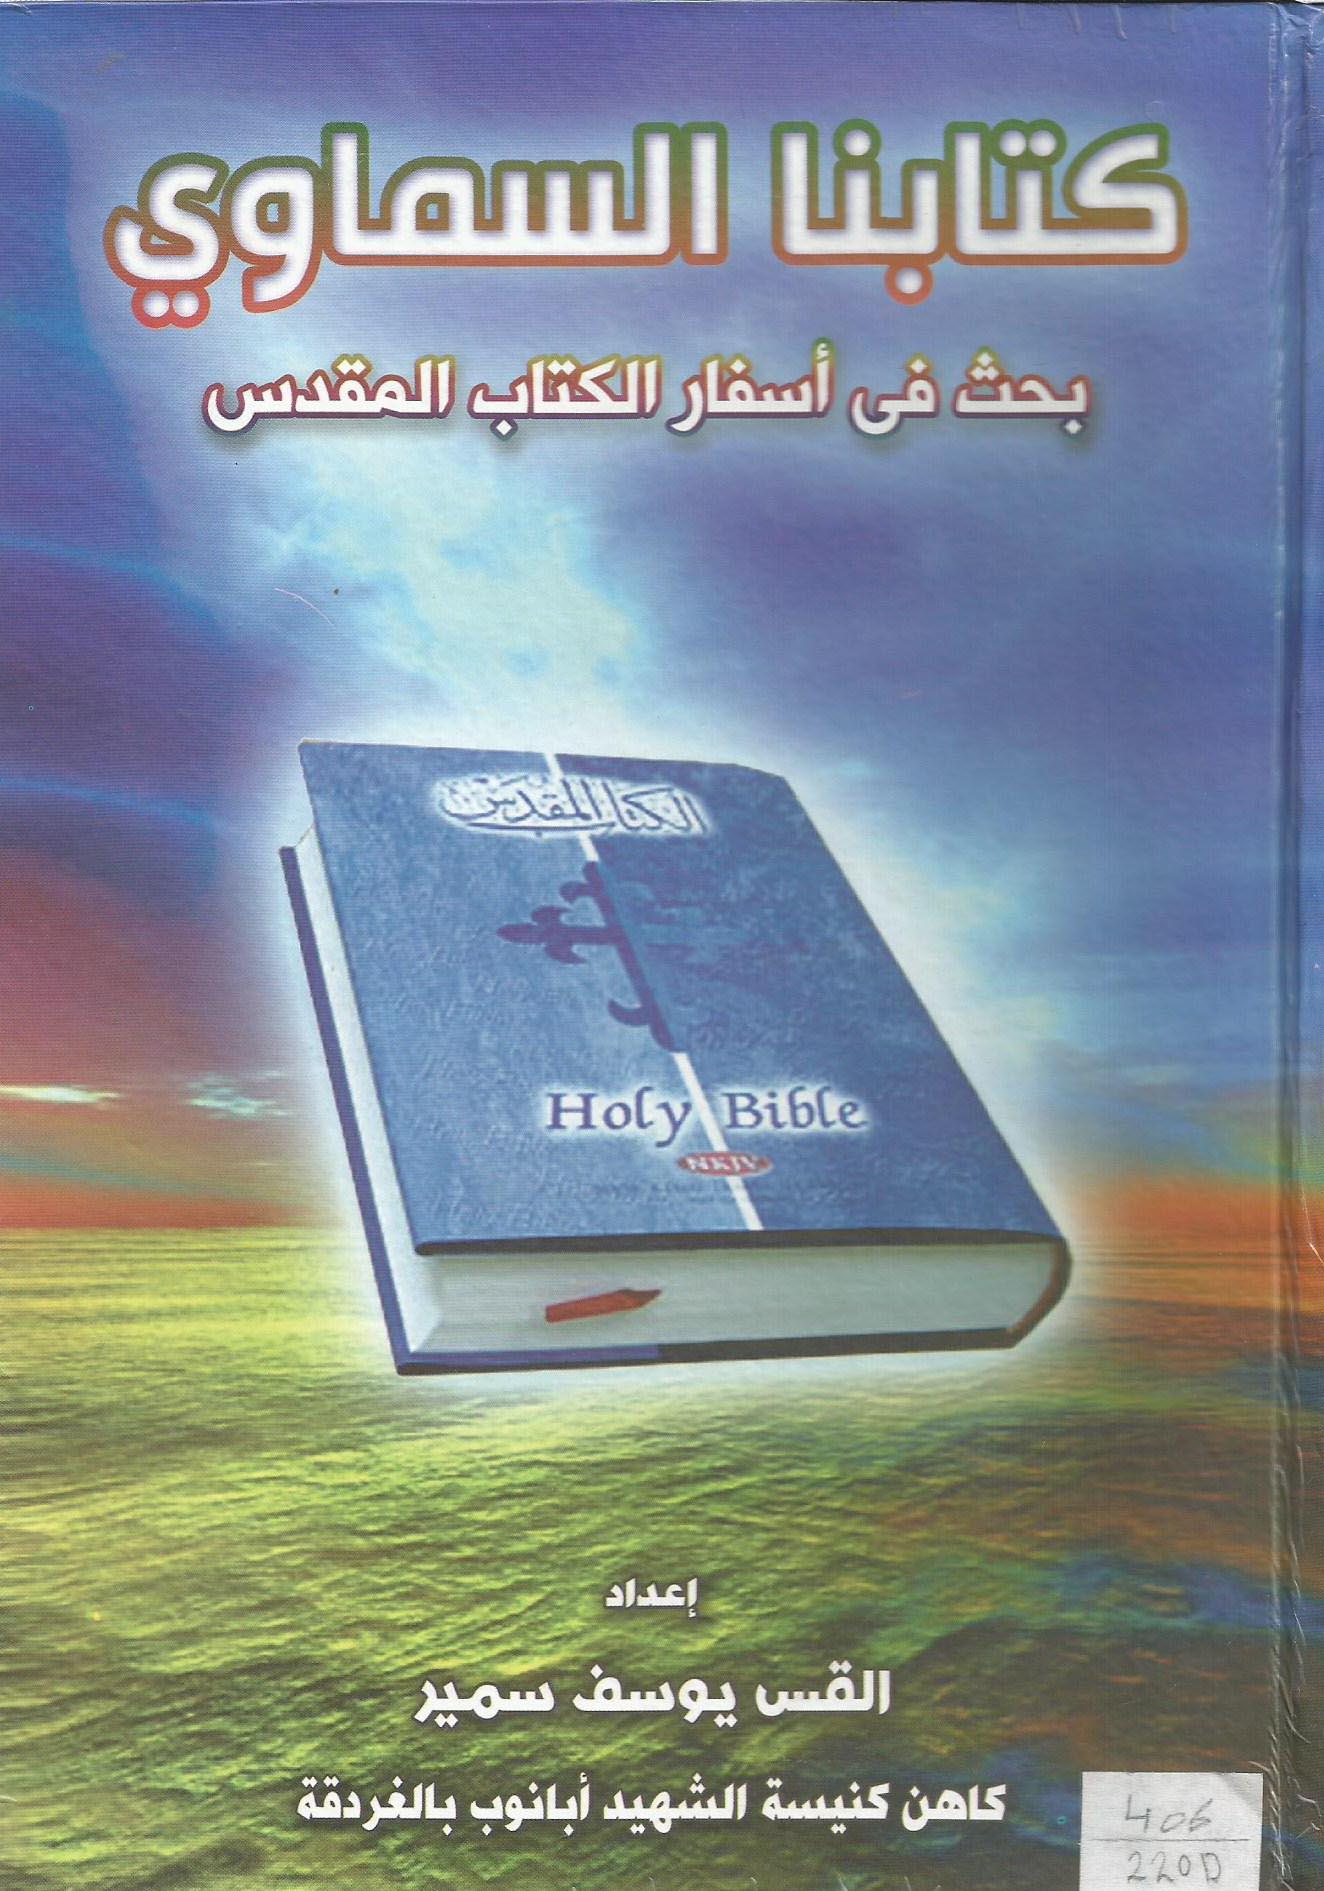 كتابنا السماوى بحث فى اسفار الكتاب المقدس